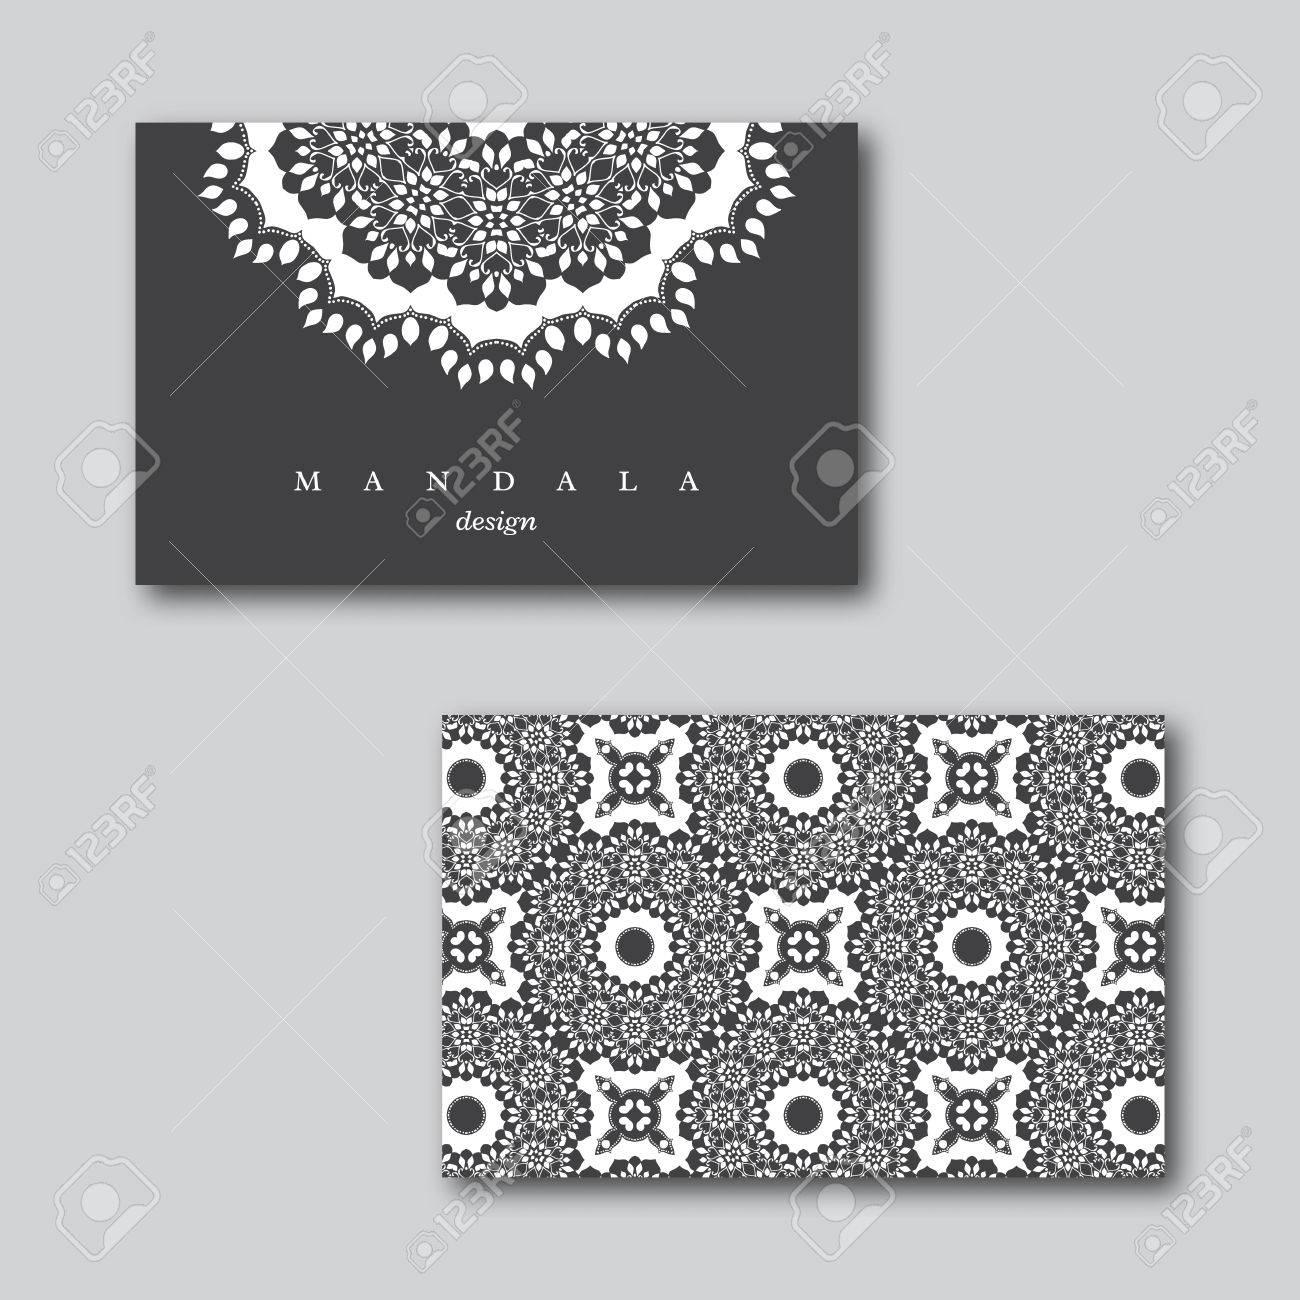 Jeu De Ornementaux Cartes Visite Avec Mandala Et Pattern Carte